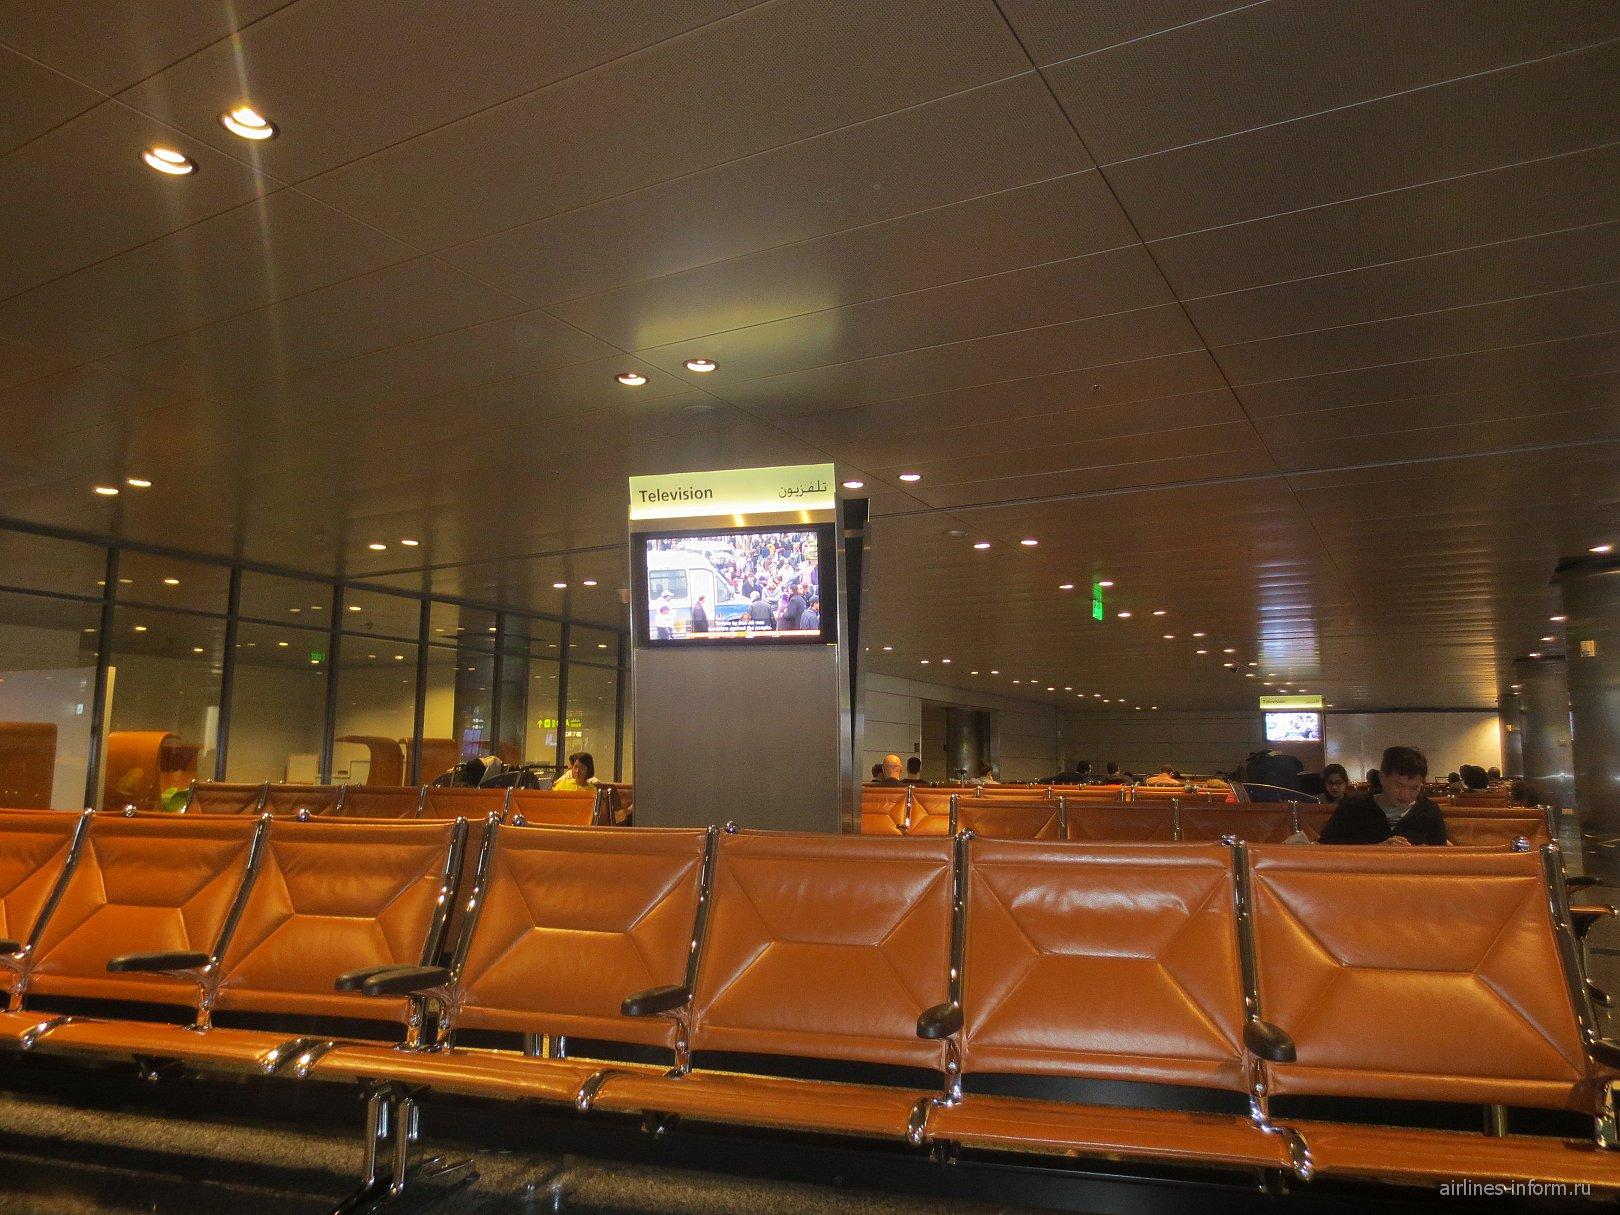 Зал ожидания в аэропорту Хамад